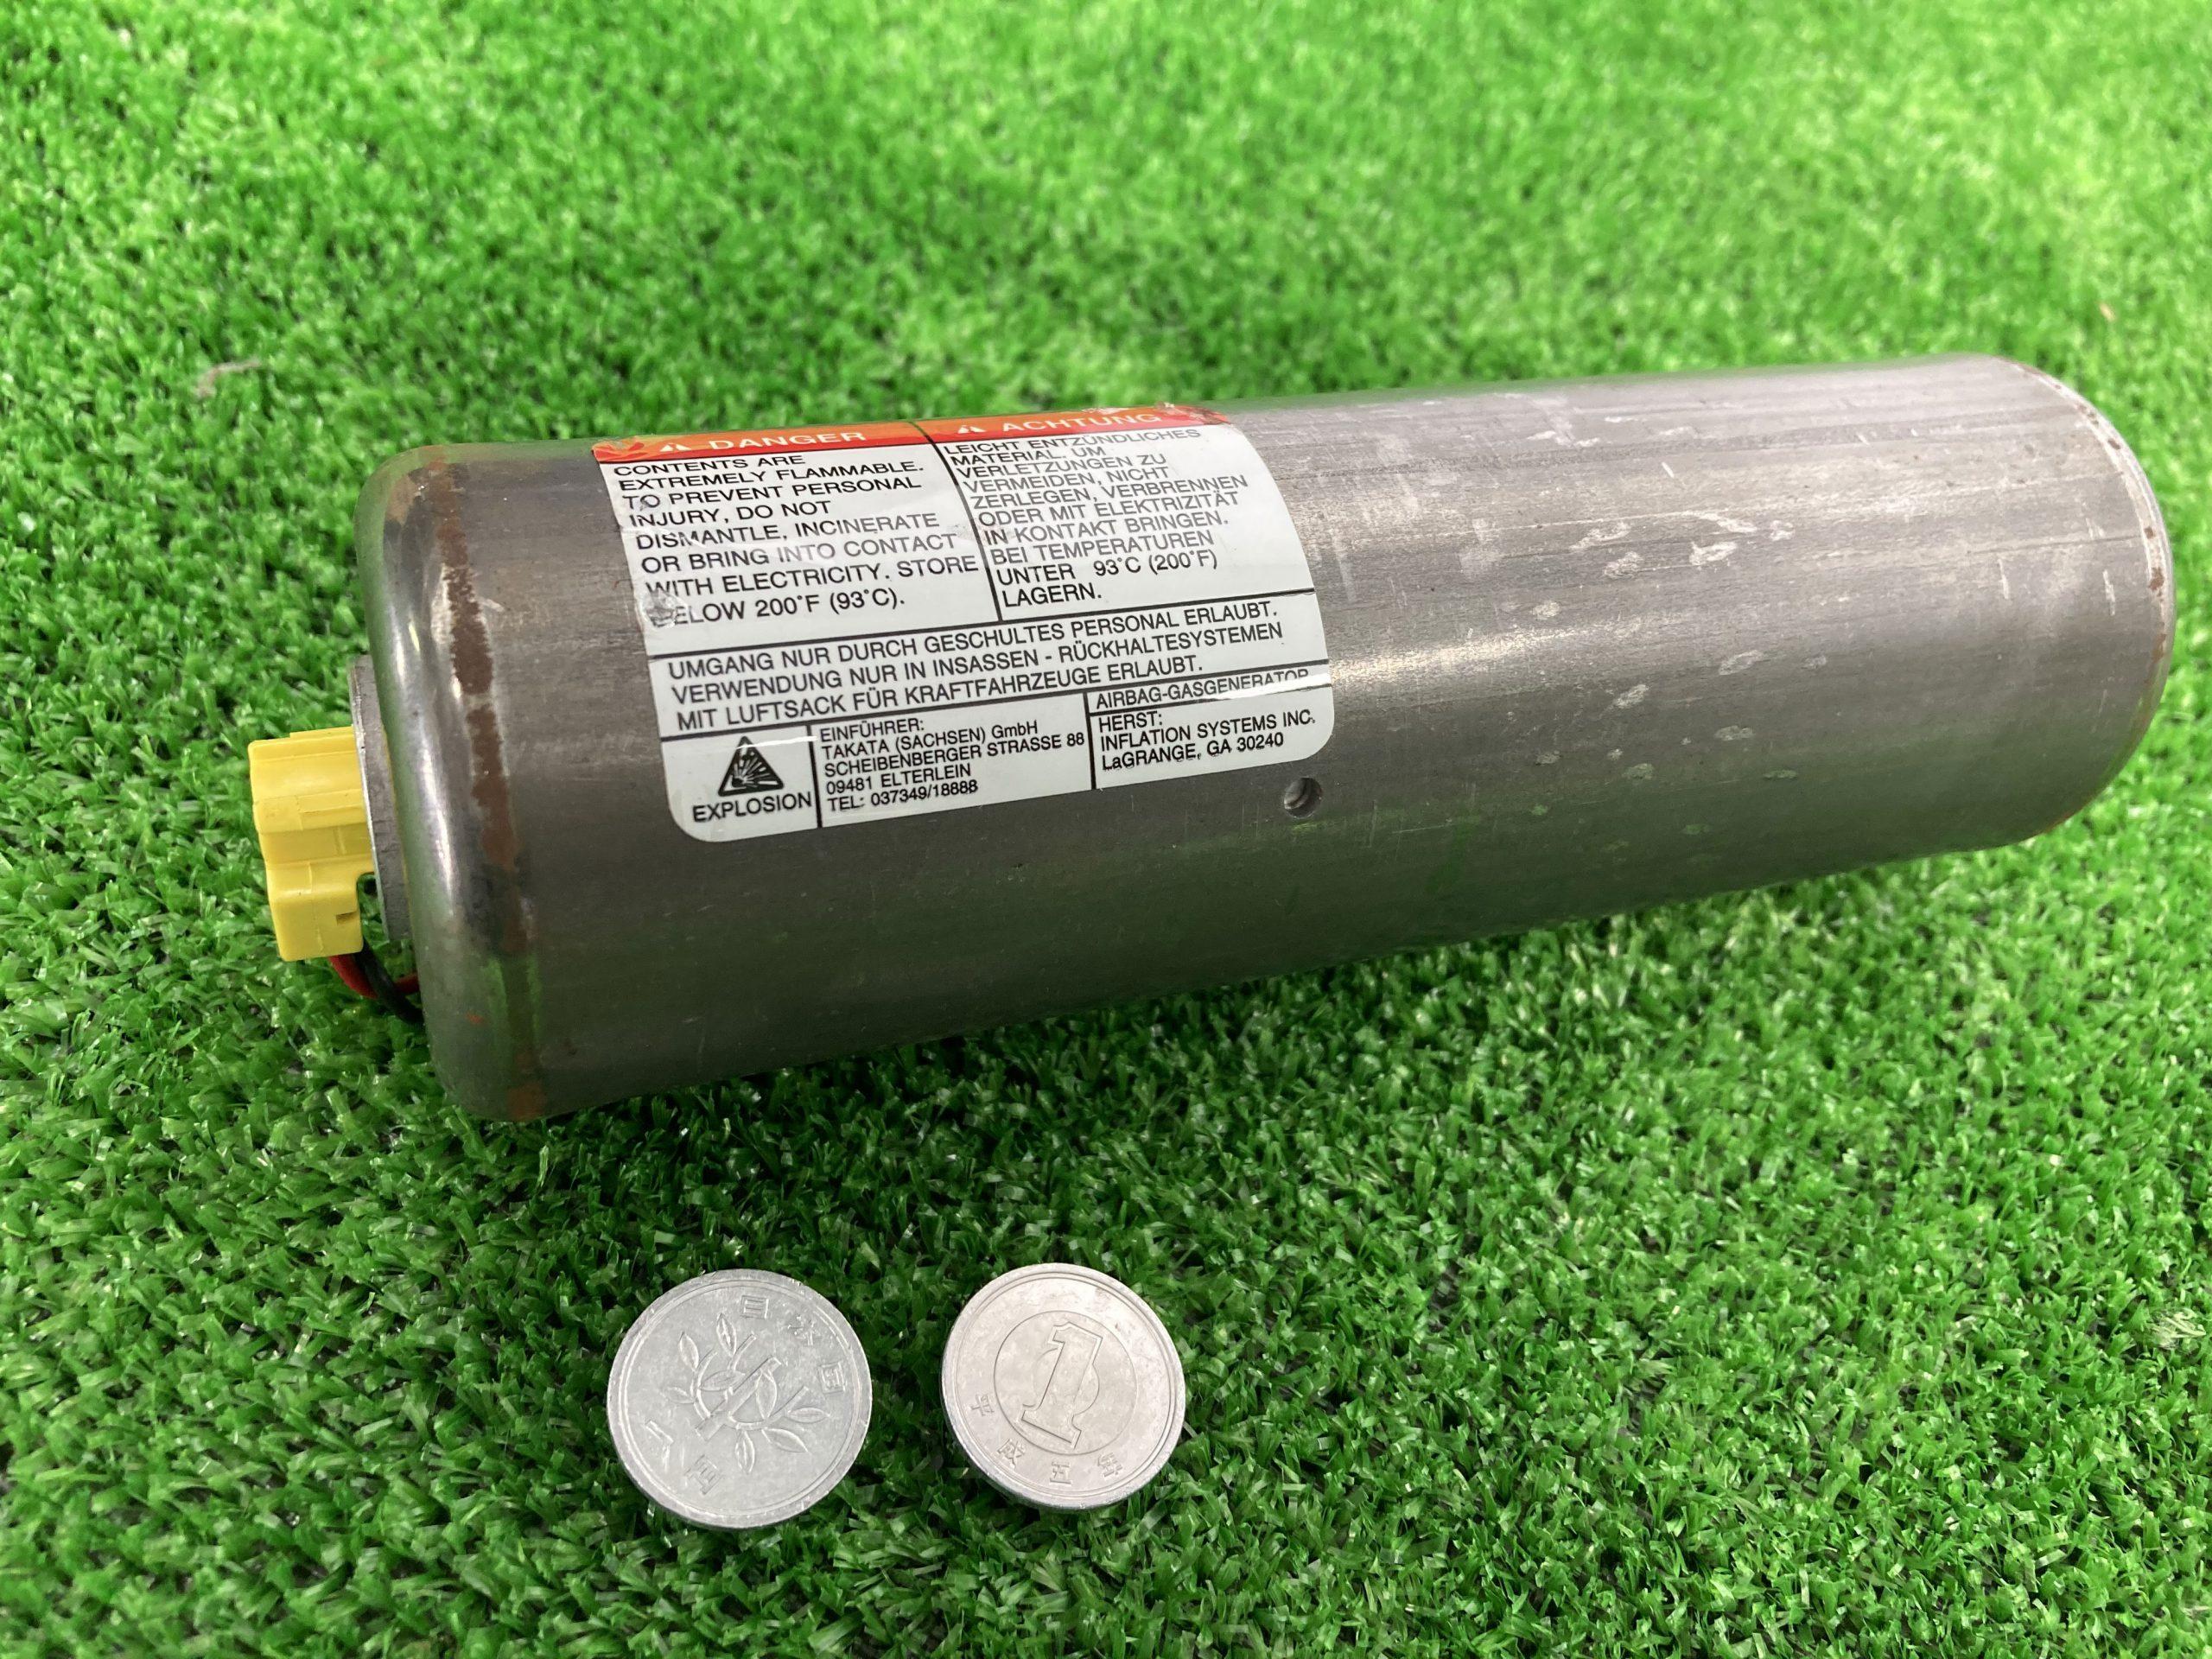 エアバックインフレーター(助手席用、約16cmの円筒状)